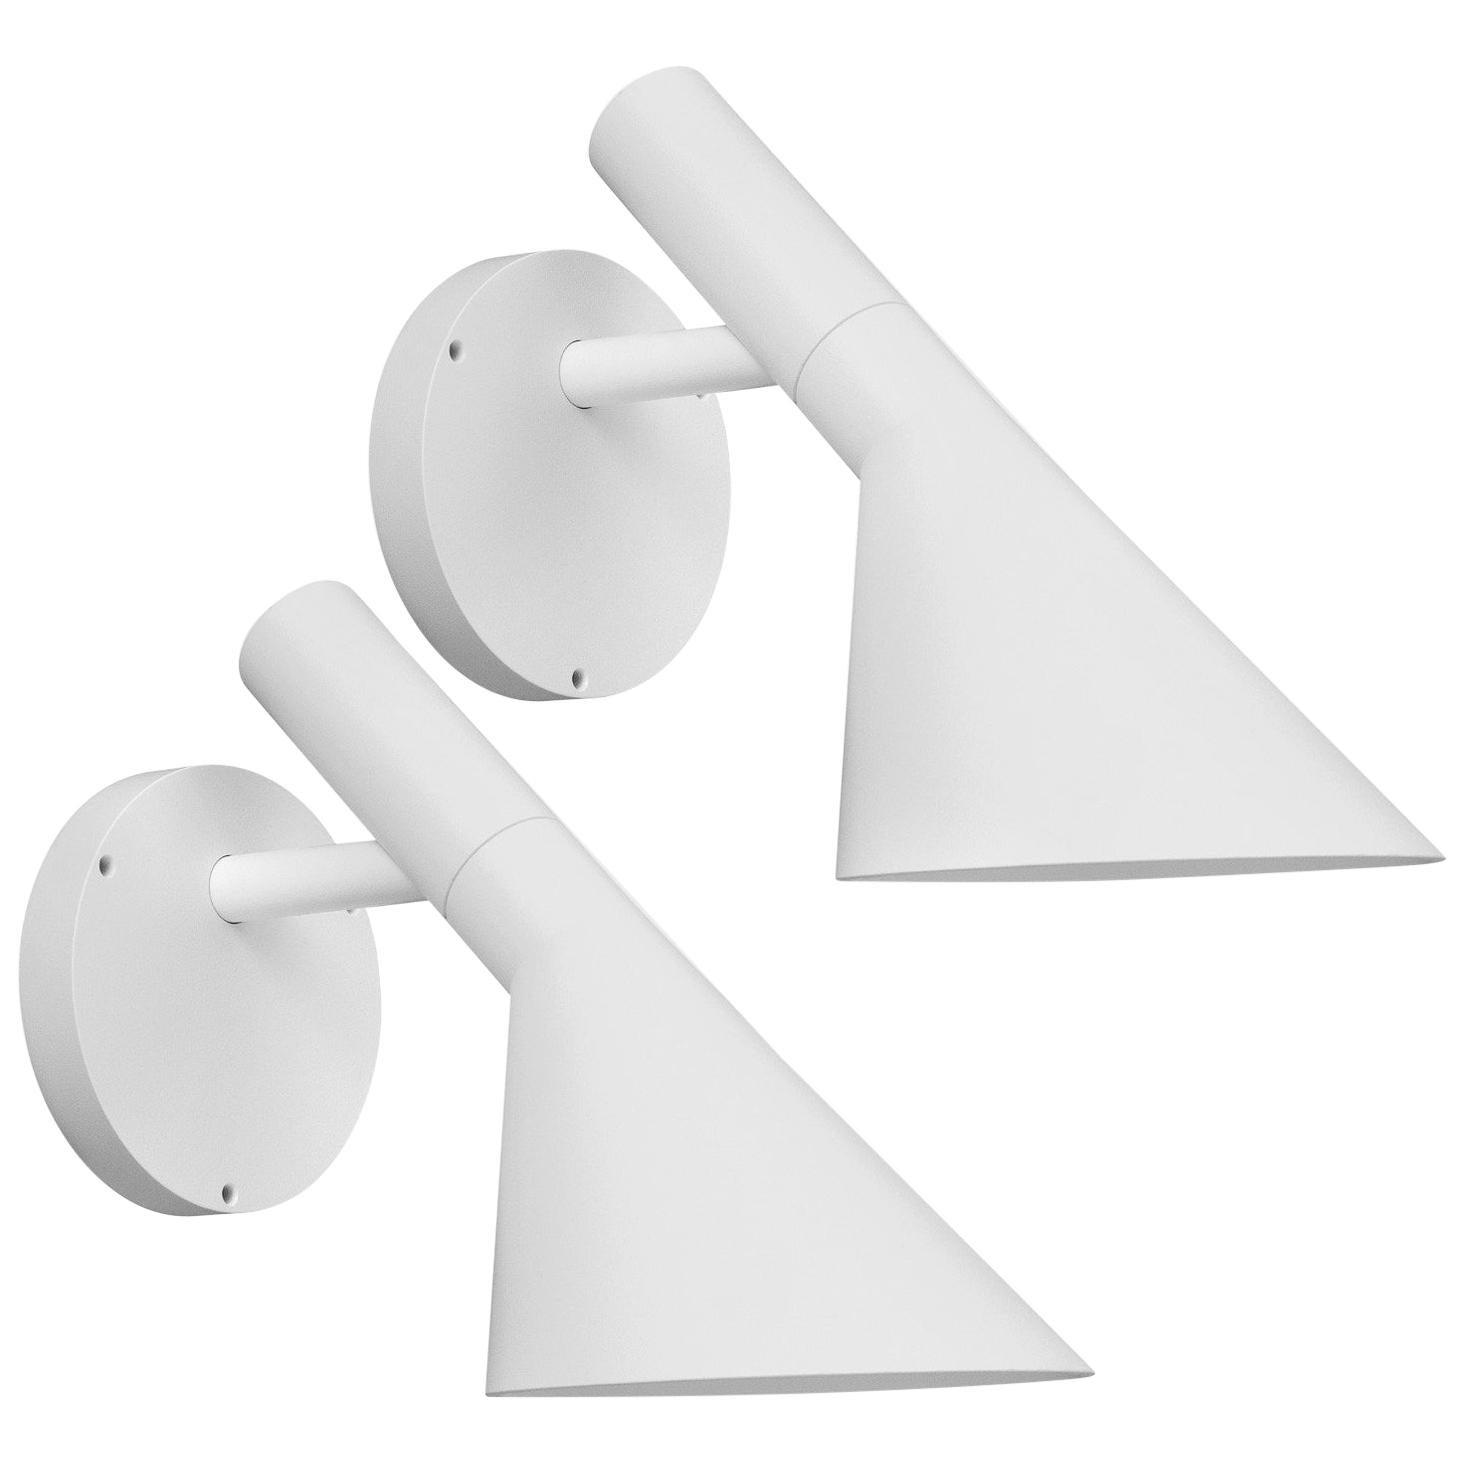 Arne Jacobsen AJ 50 Outdoor Wall Light for Louis Poulsen in White